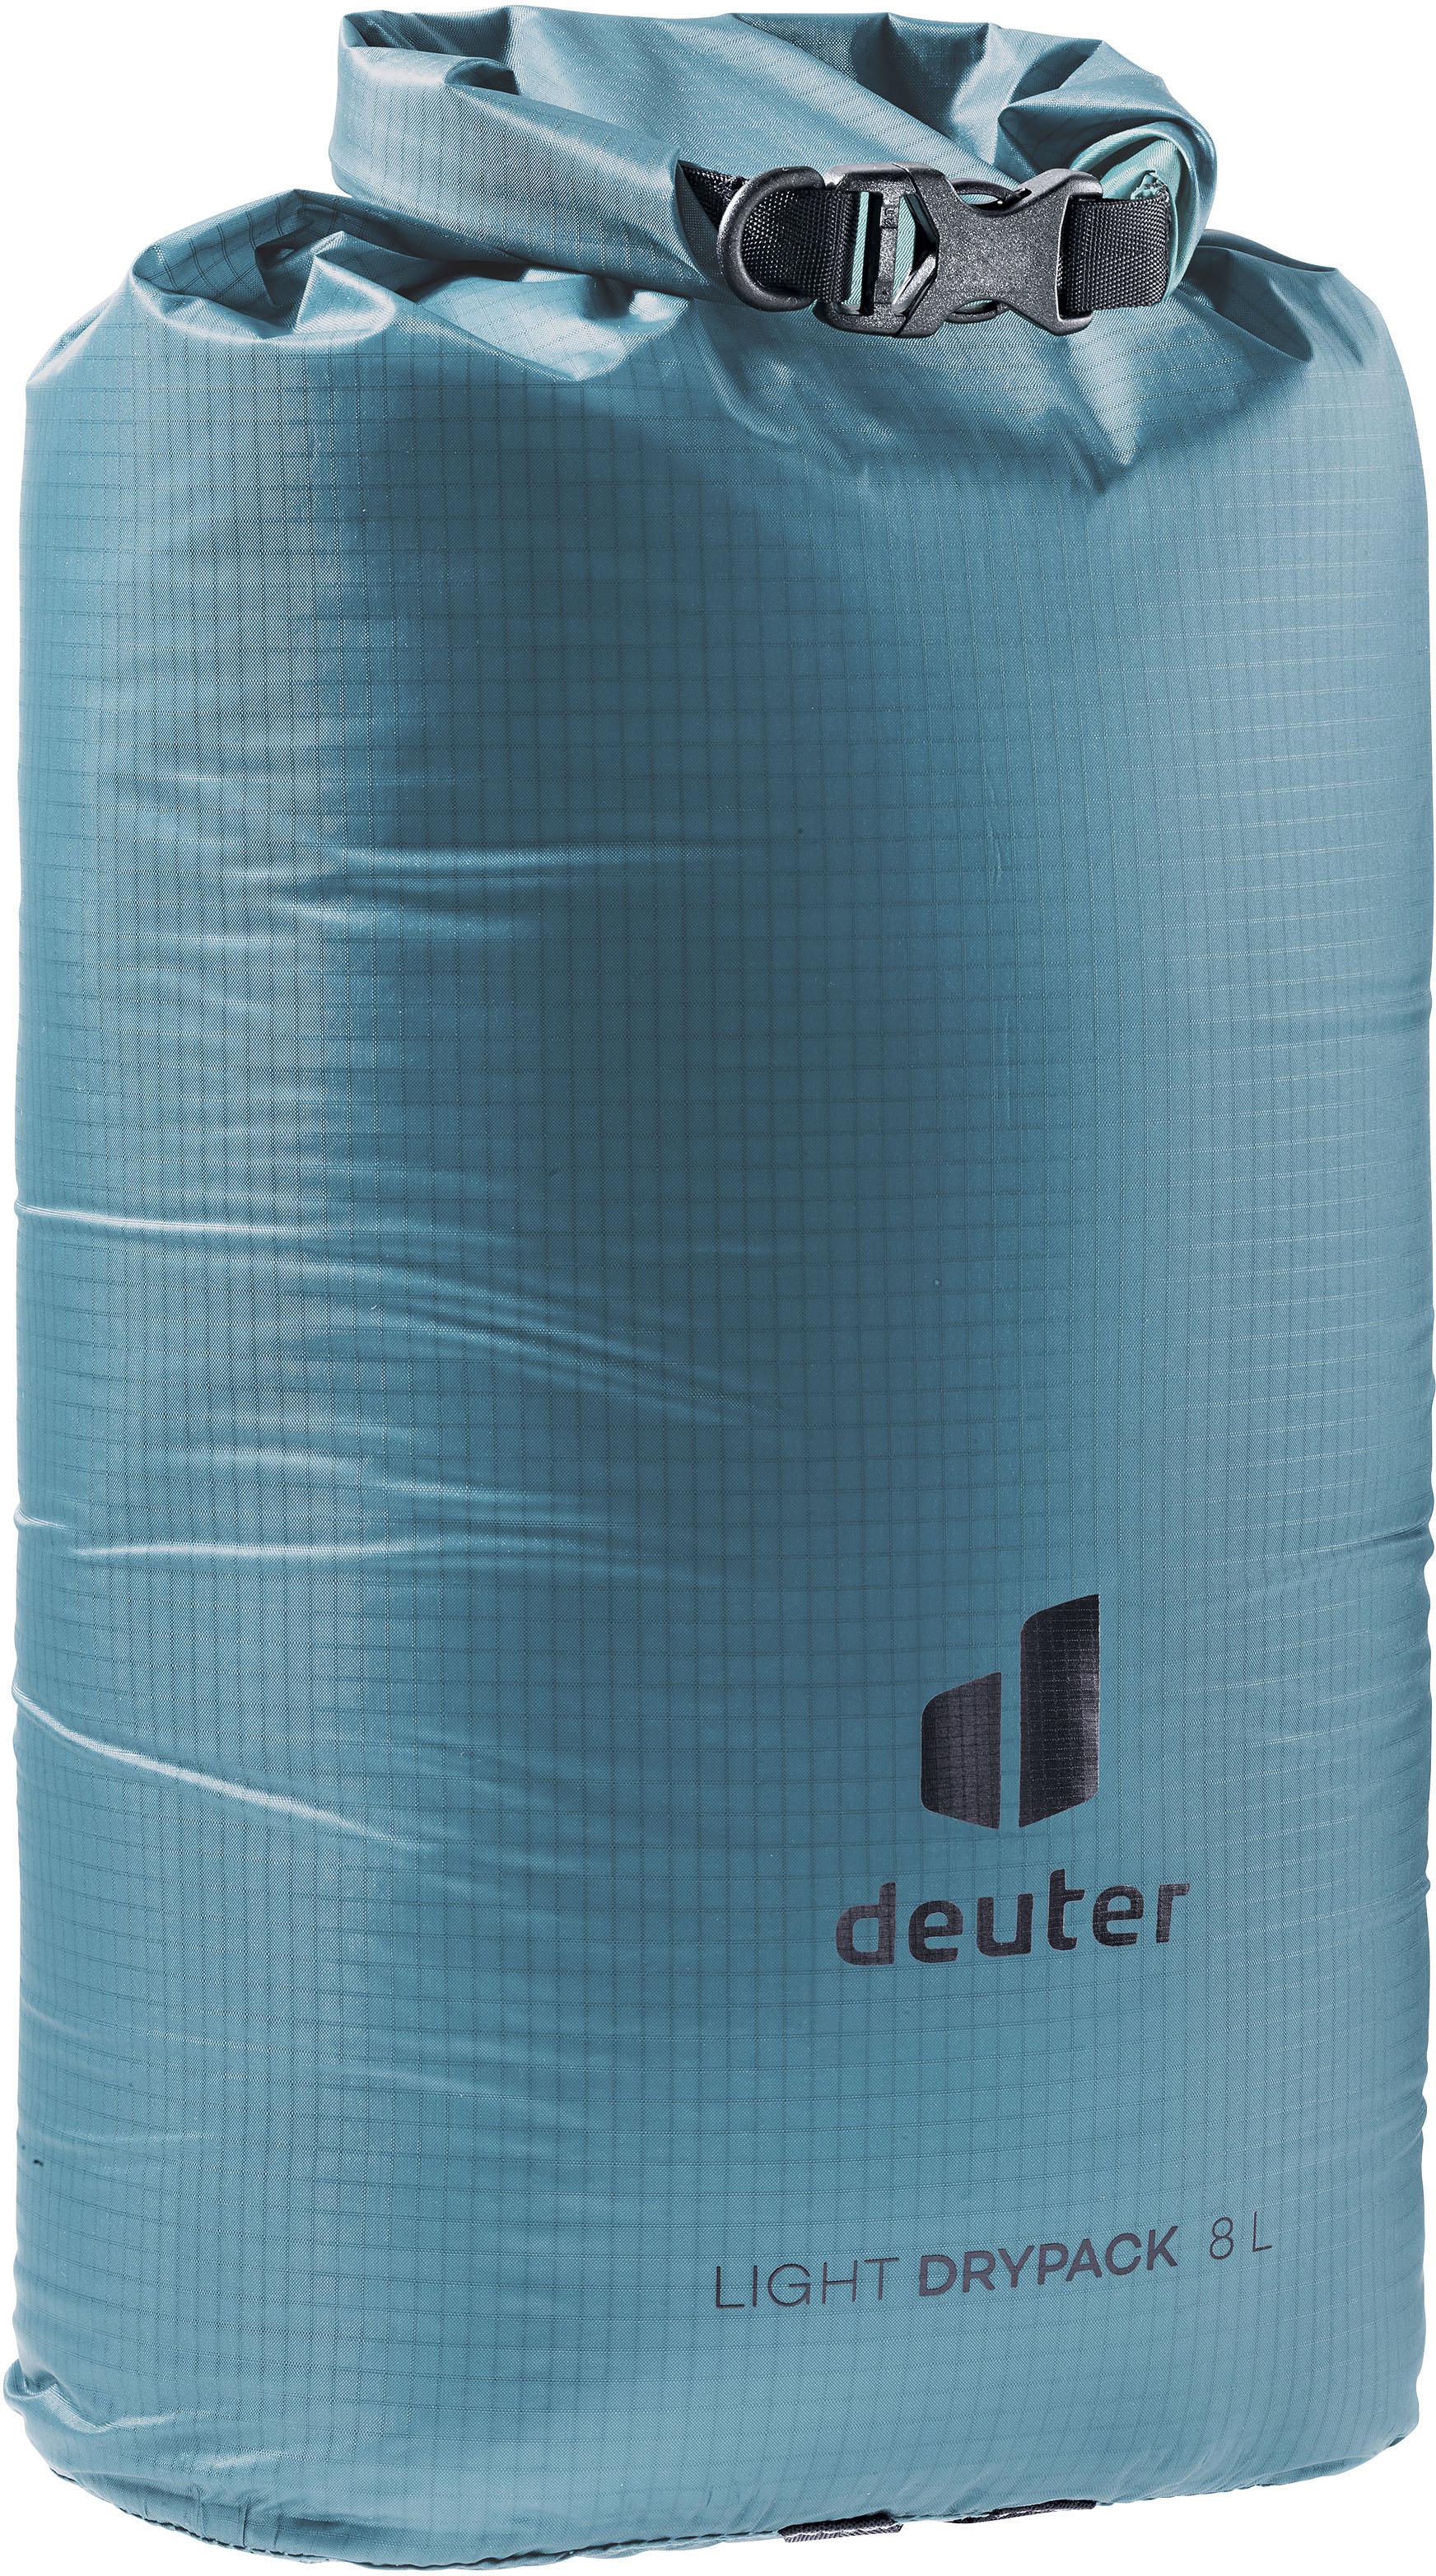 Deuter Aufbewahrungstasche blau Aufbewahrungstaschen Aufbewahrung Ordnung Wohnaccessoires Unisex